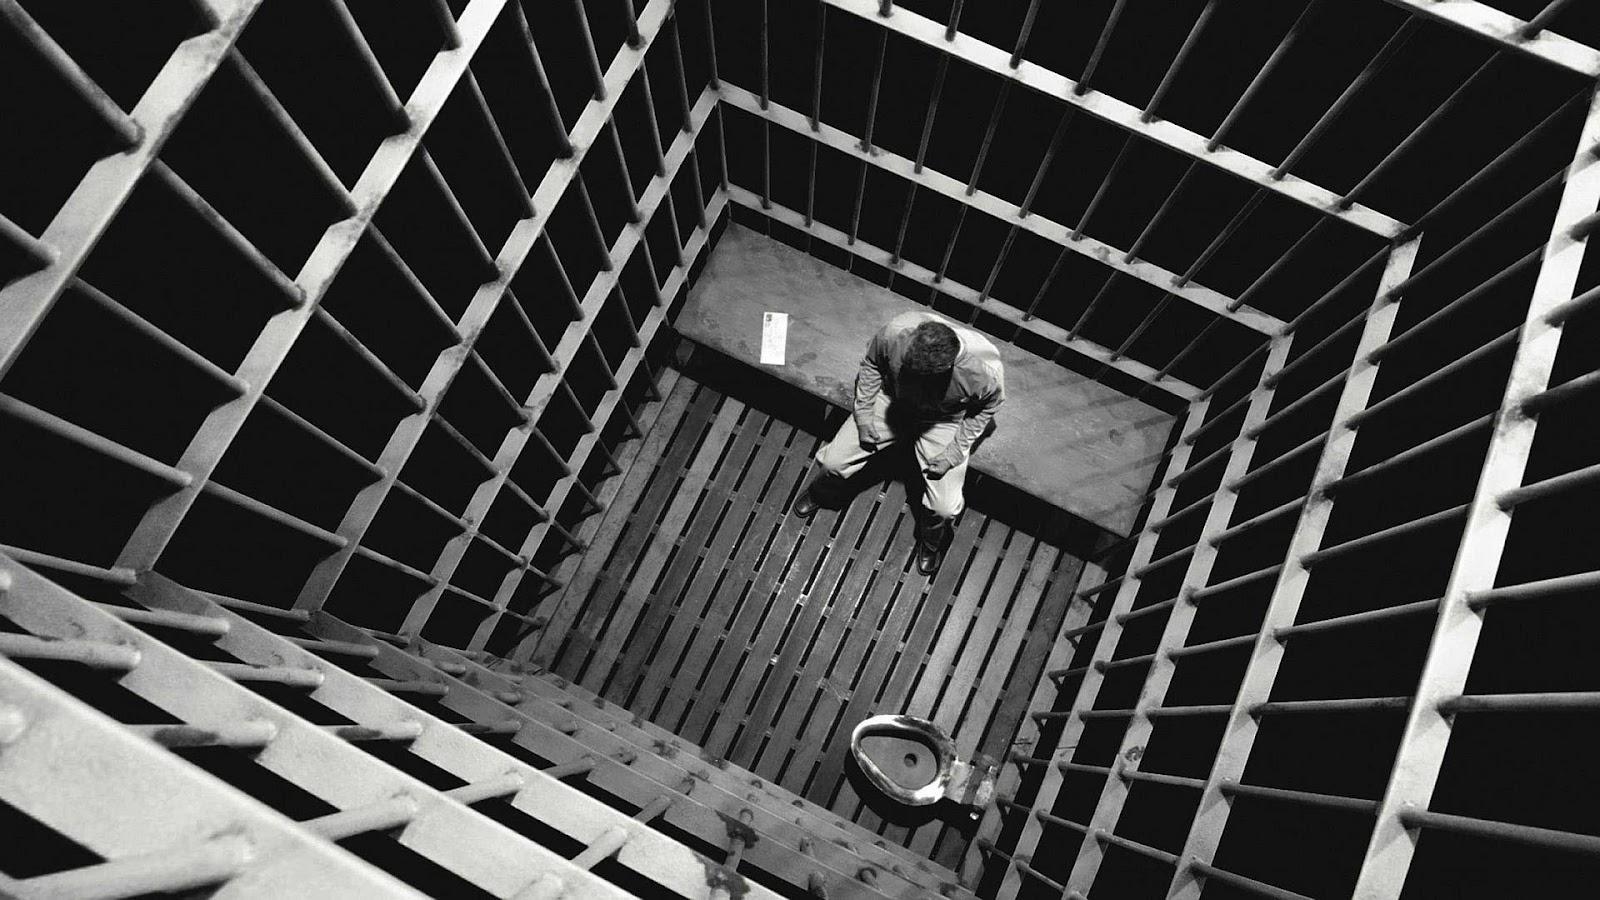 Мошенник из ОАЭ обманул 1500 инвесторов: криптоторговца посадят в тюрьму